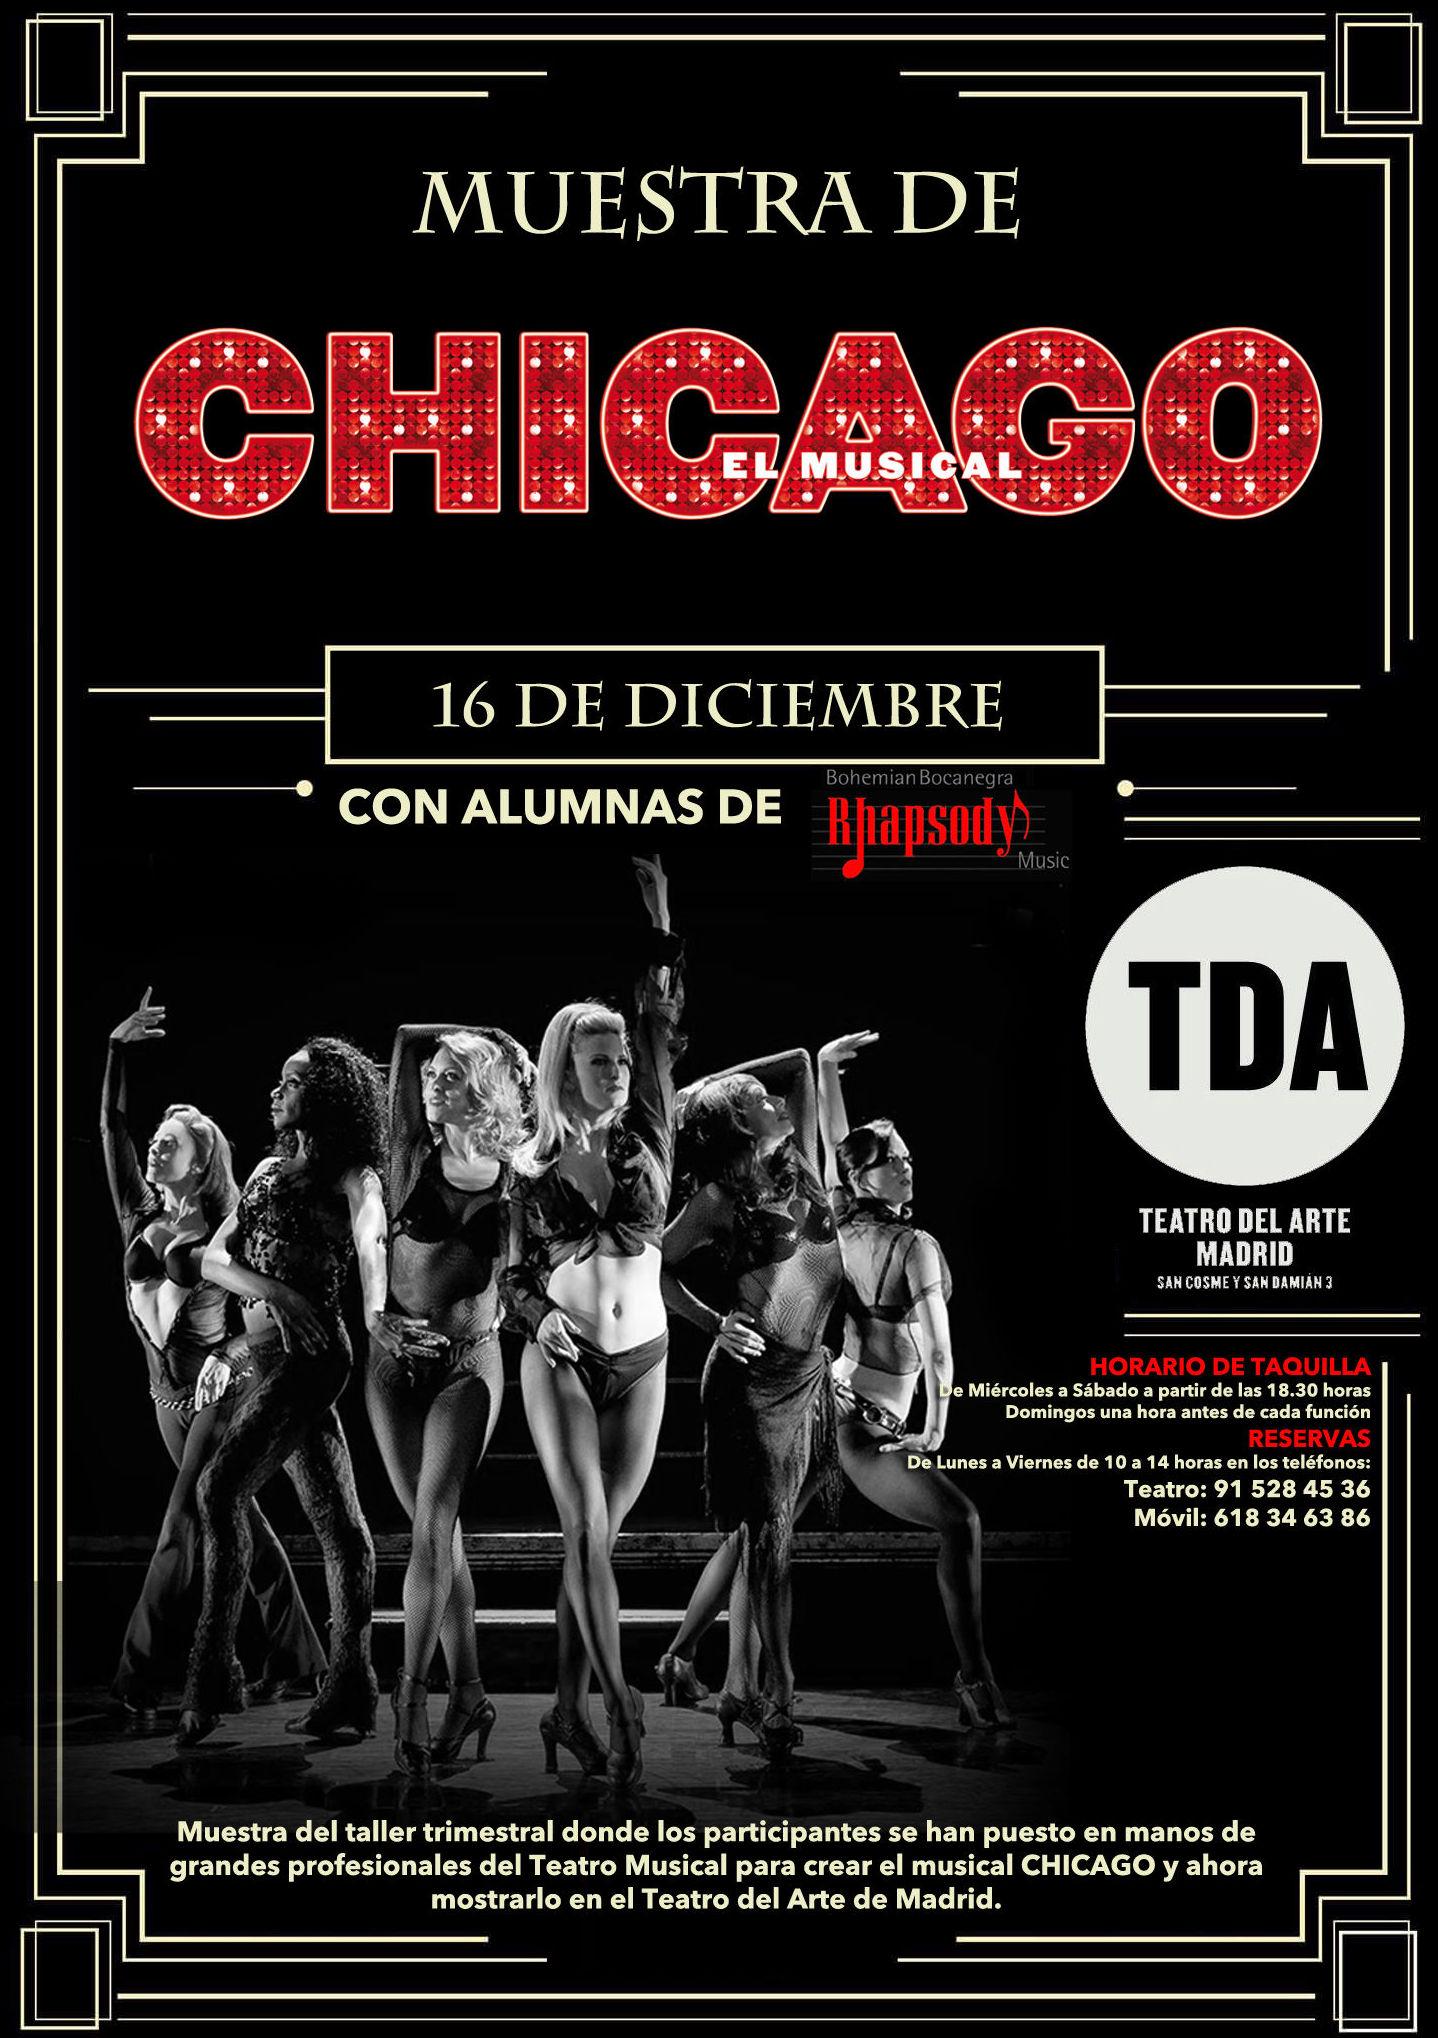 MUESTRA de CHICAGO El Musical 16 de Diciembre con alumnas de RHAPSODY en TEATRO DEL ARTE y GALA MUSICAL alumnos 1er trimestre